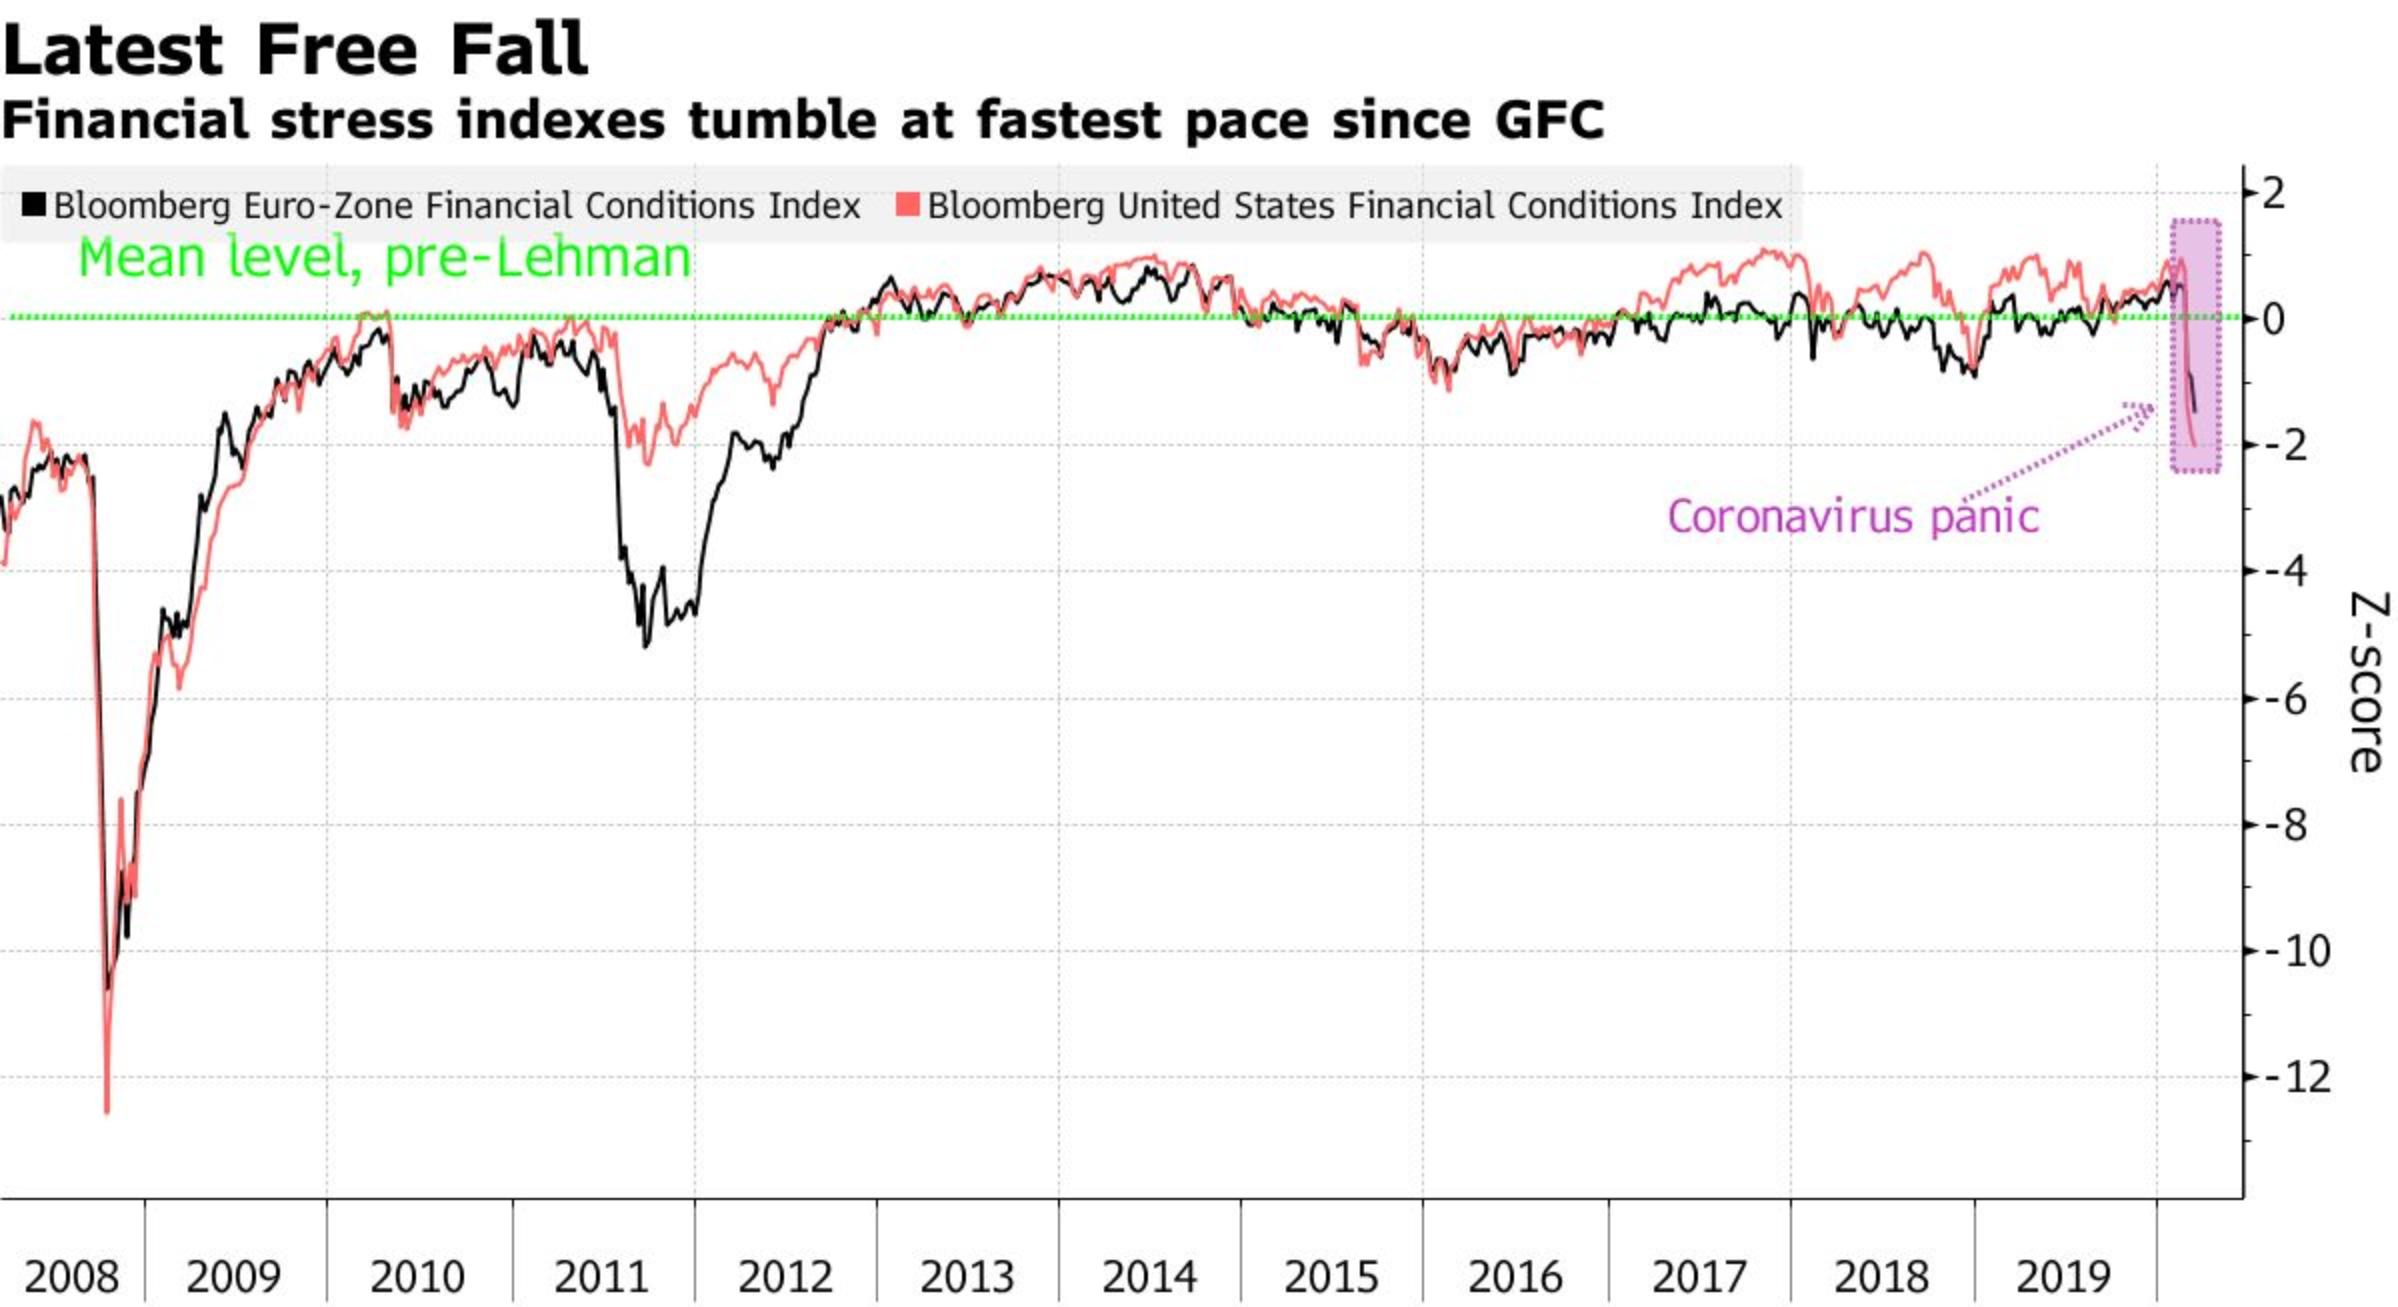 Индекс финансовых условий Bloomberg: чем ниже, тем жестче. Черный — еврозона, розовый — США, зеленый пунктир — средний уровень до коллапса банка Lehman Brothers. Источник: Bloomberg